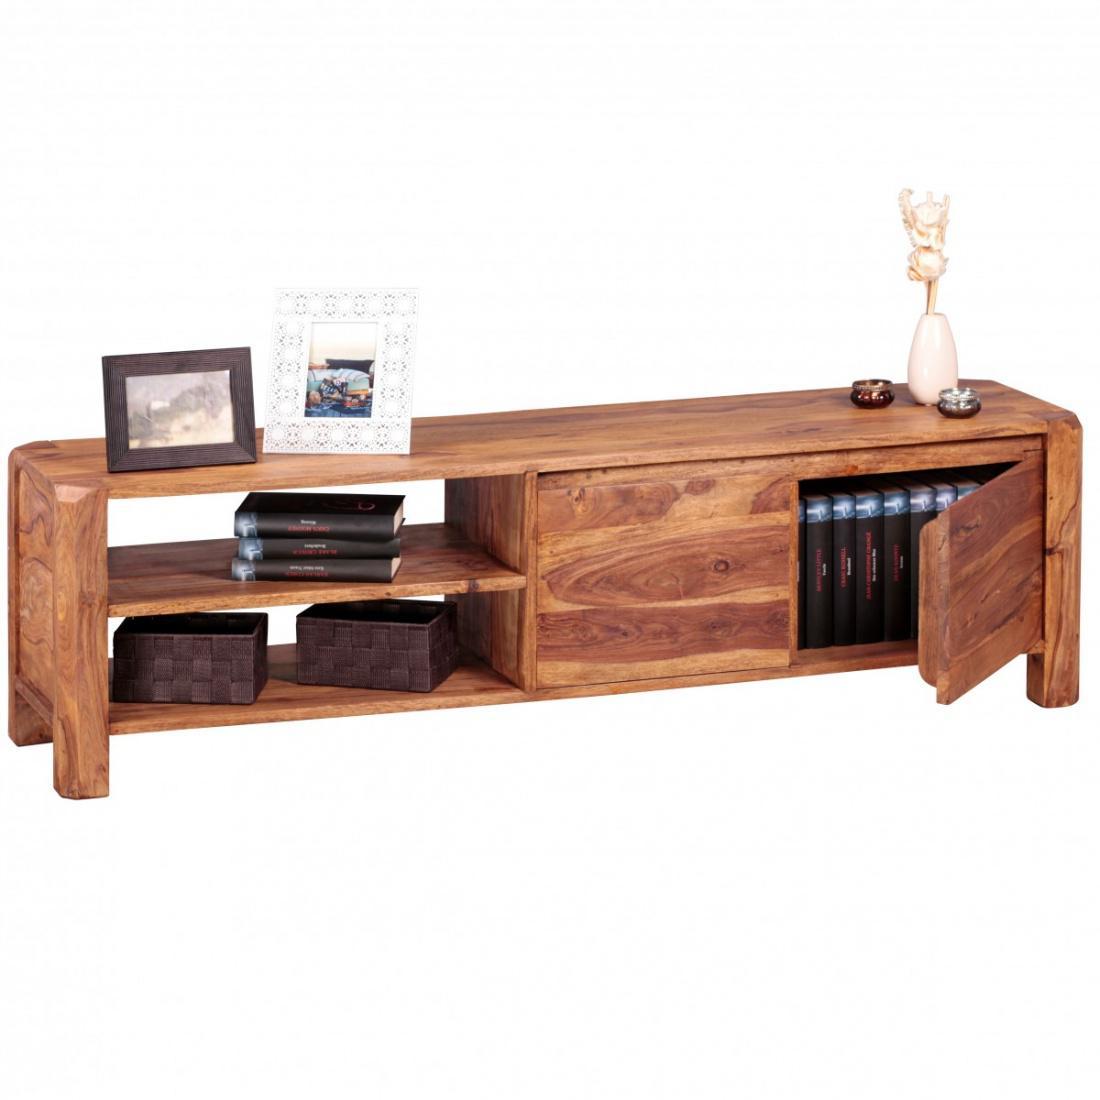 sheesham mbel tisch simple simple simple wohnling lowboard boha massivholz sheesham kommode cm. Black Bedroom Furniture Sets. Home Design Ideas